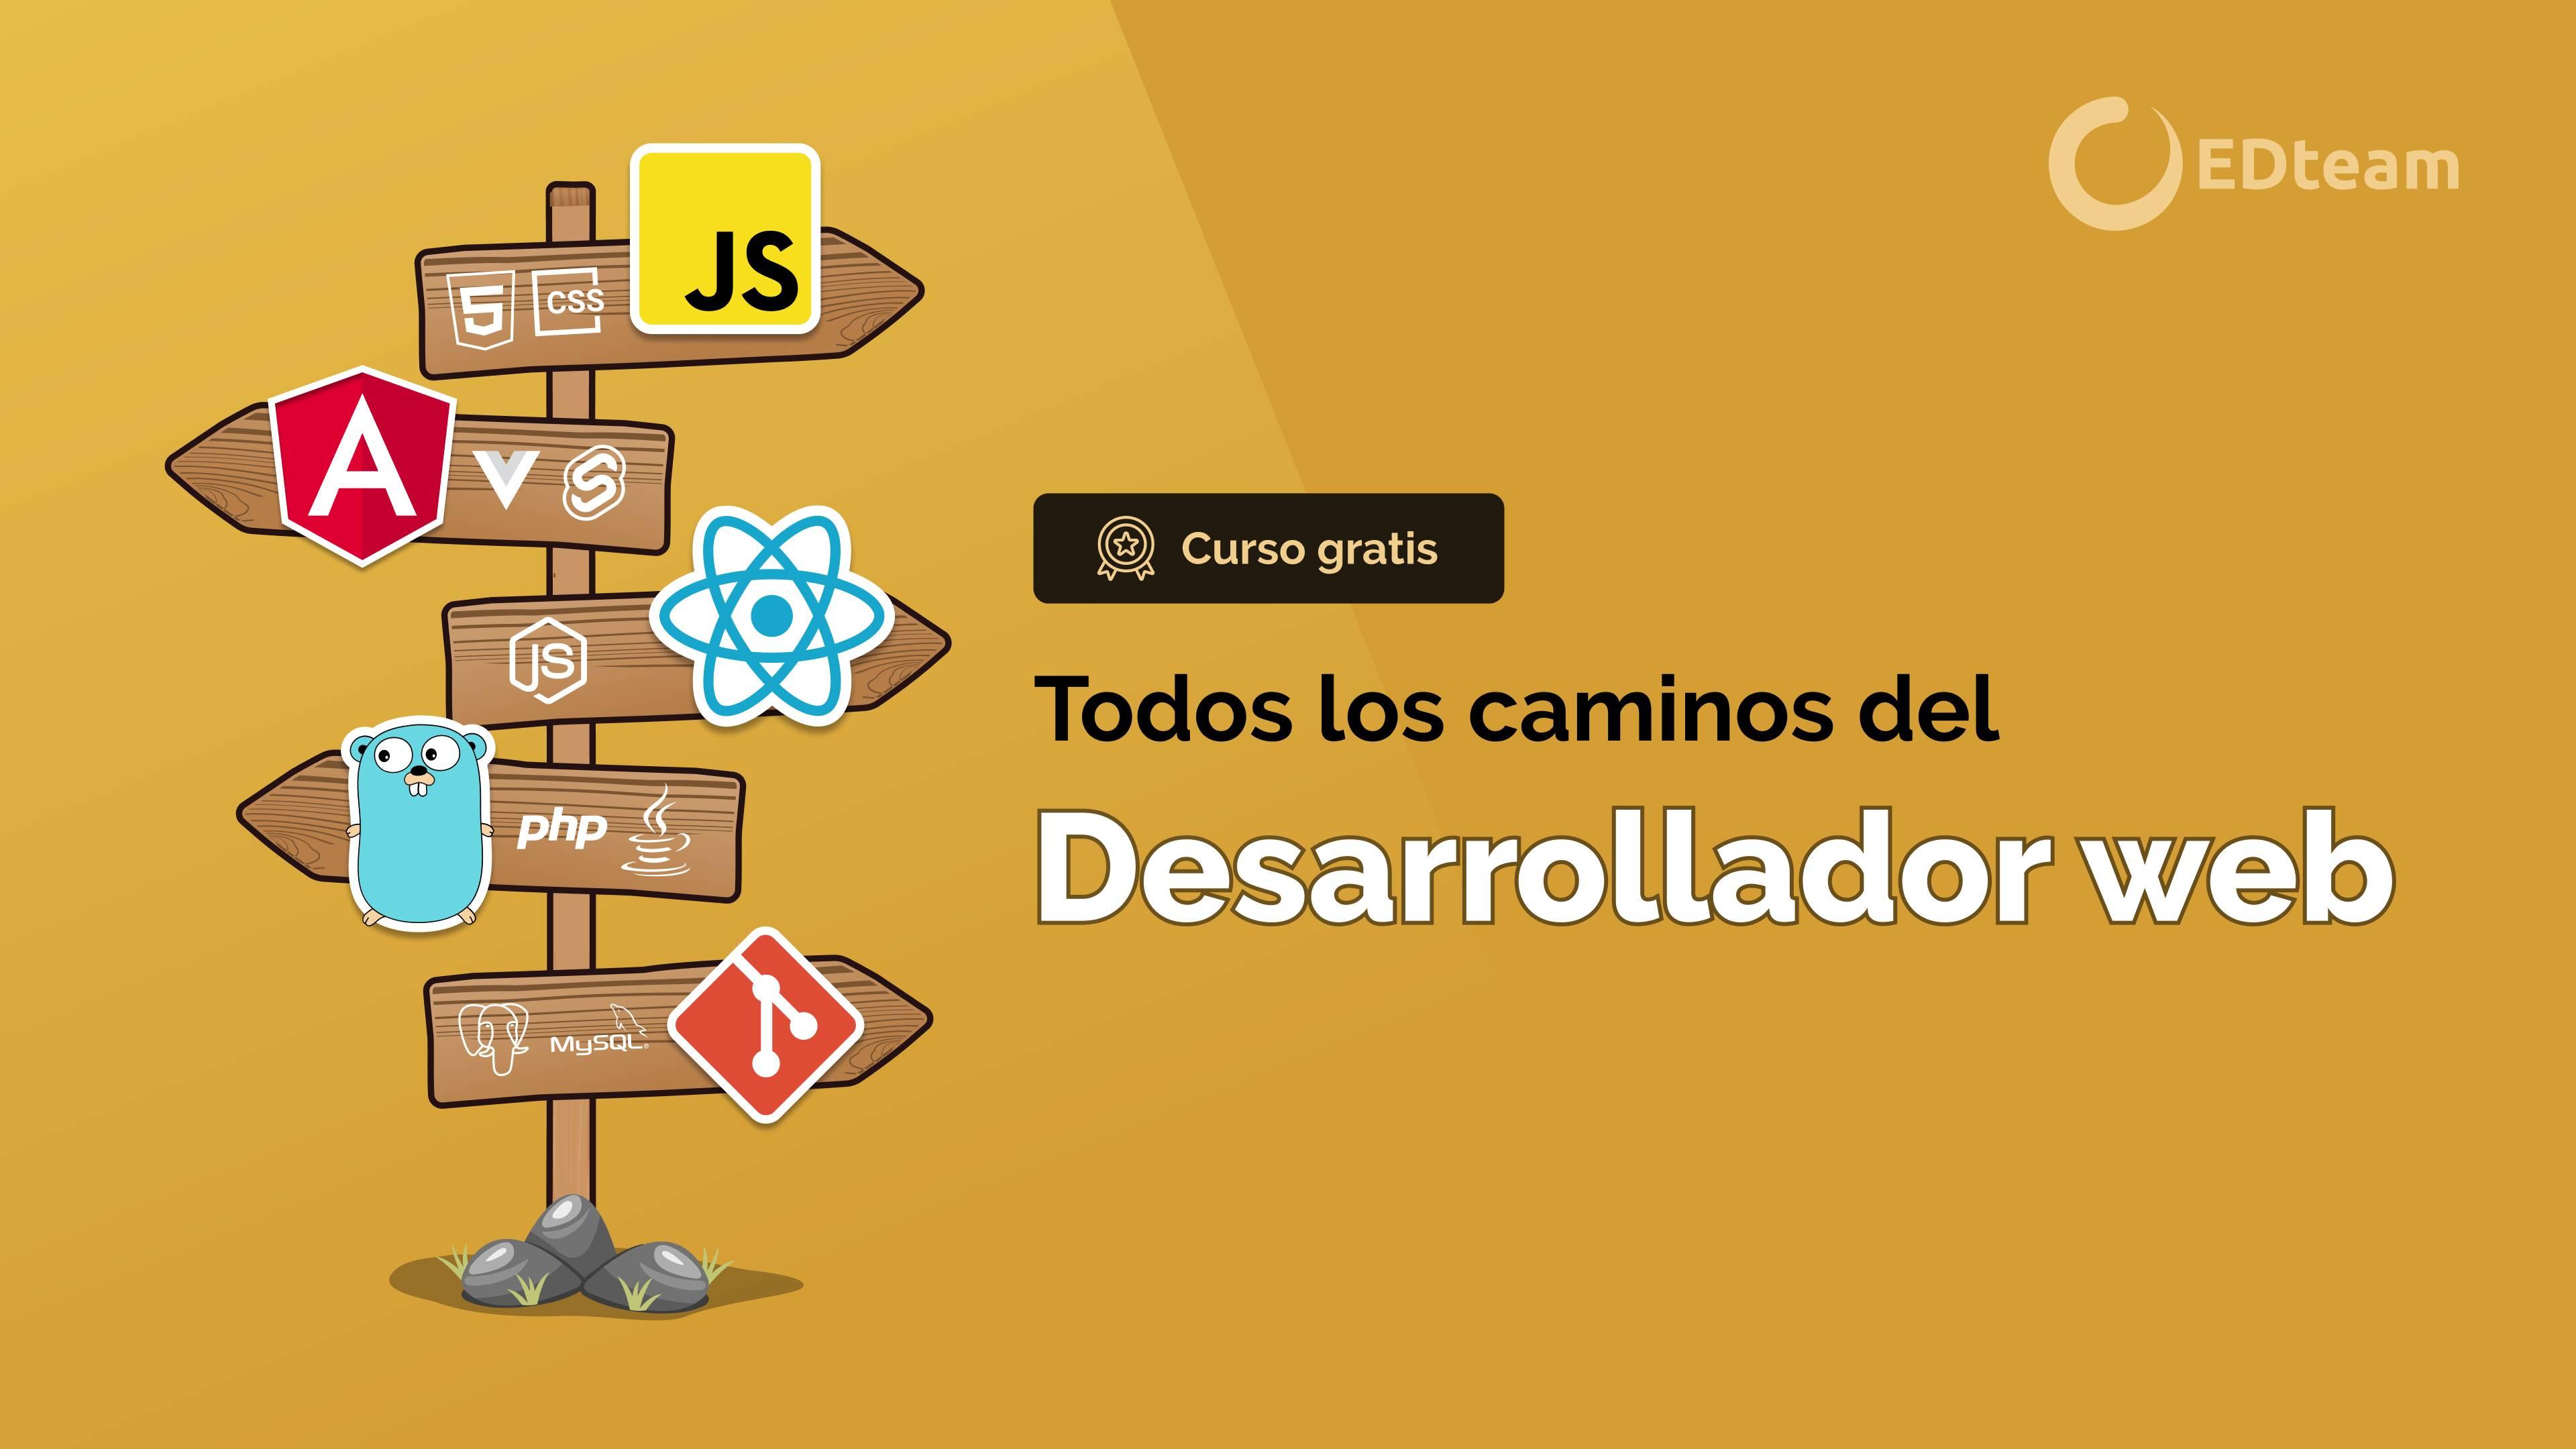 3.1 - Página web, sitio web, app web